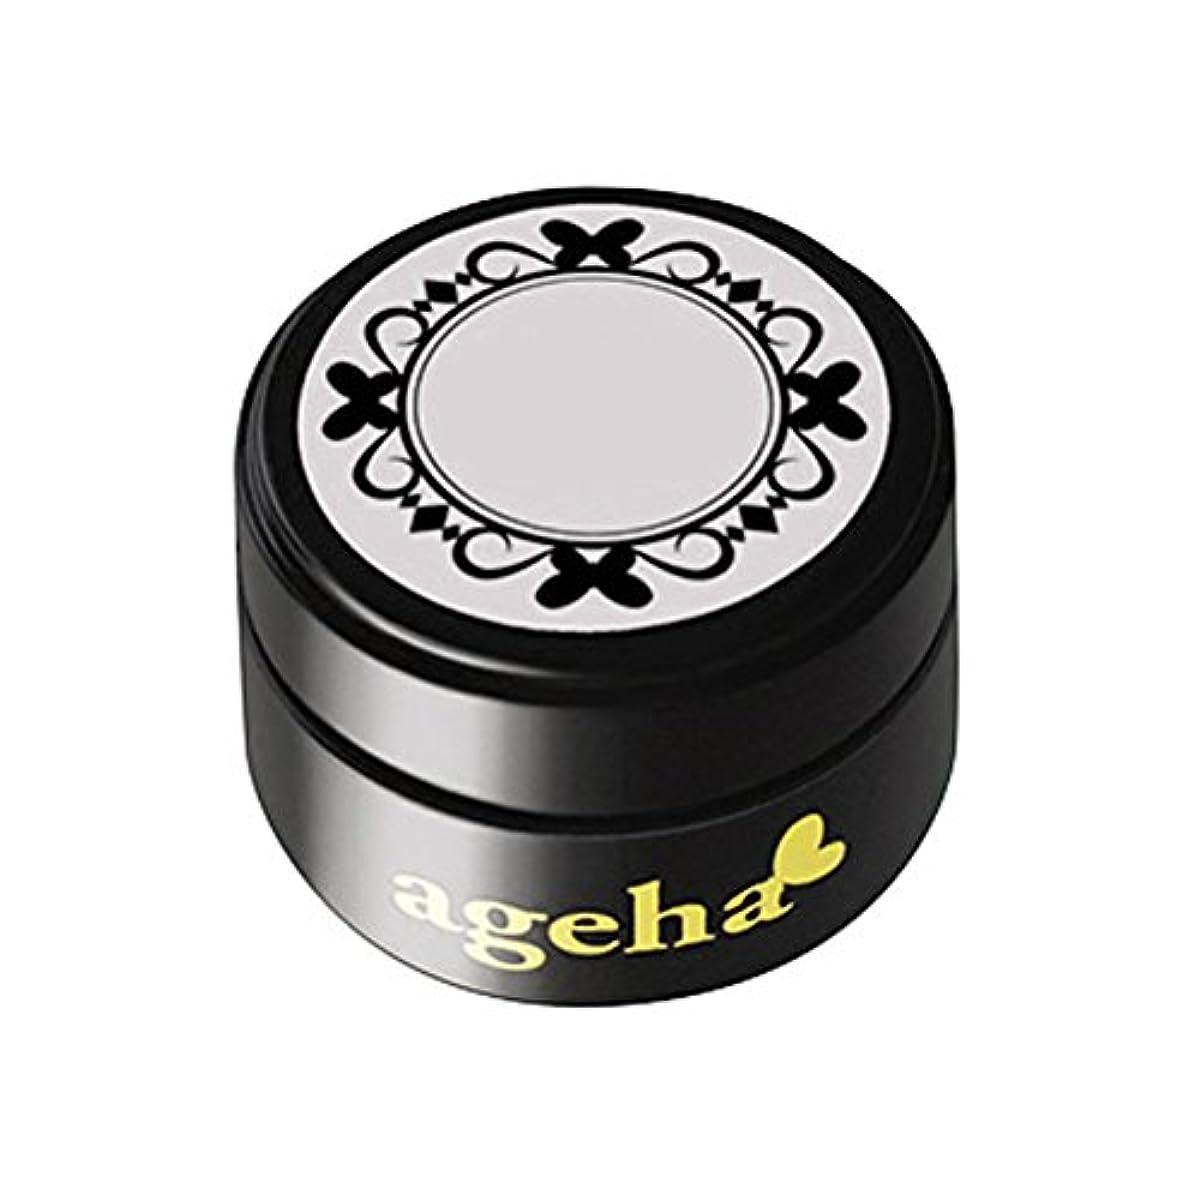 サーキットに行く砂利スーダンageha gel カラージェル コスメカラー 100 ピュアホワイト 2.7g UV/LED対応タイオウ